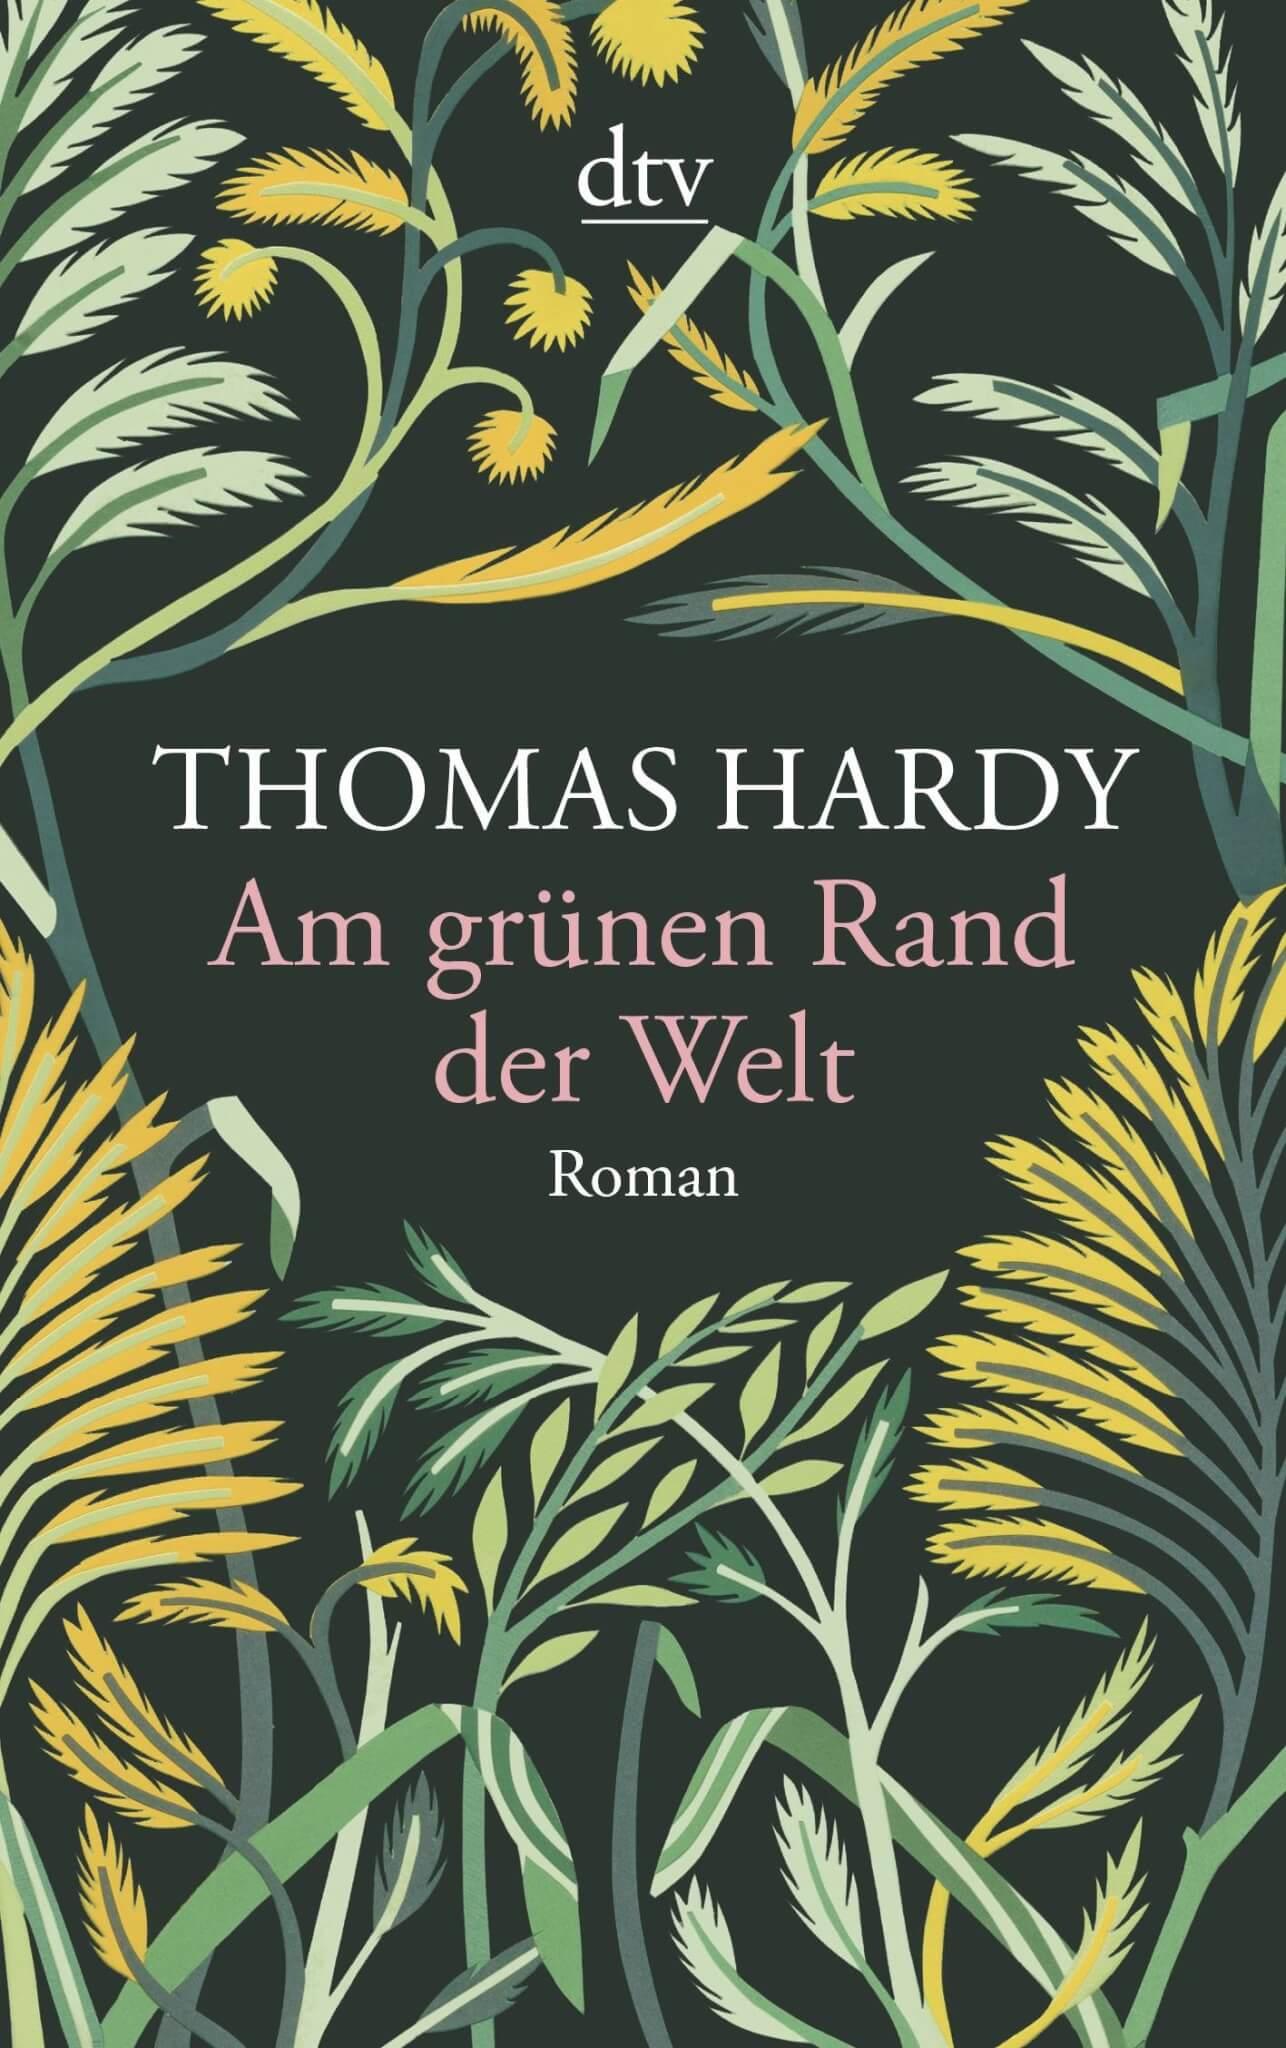 Thomas Hardy - Am grünen Rand der Welt